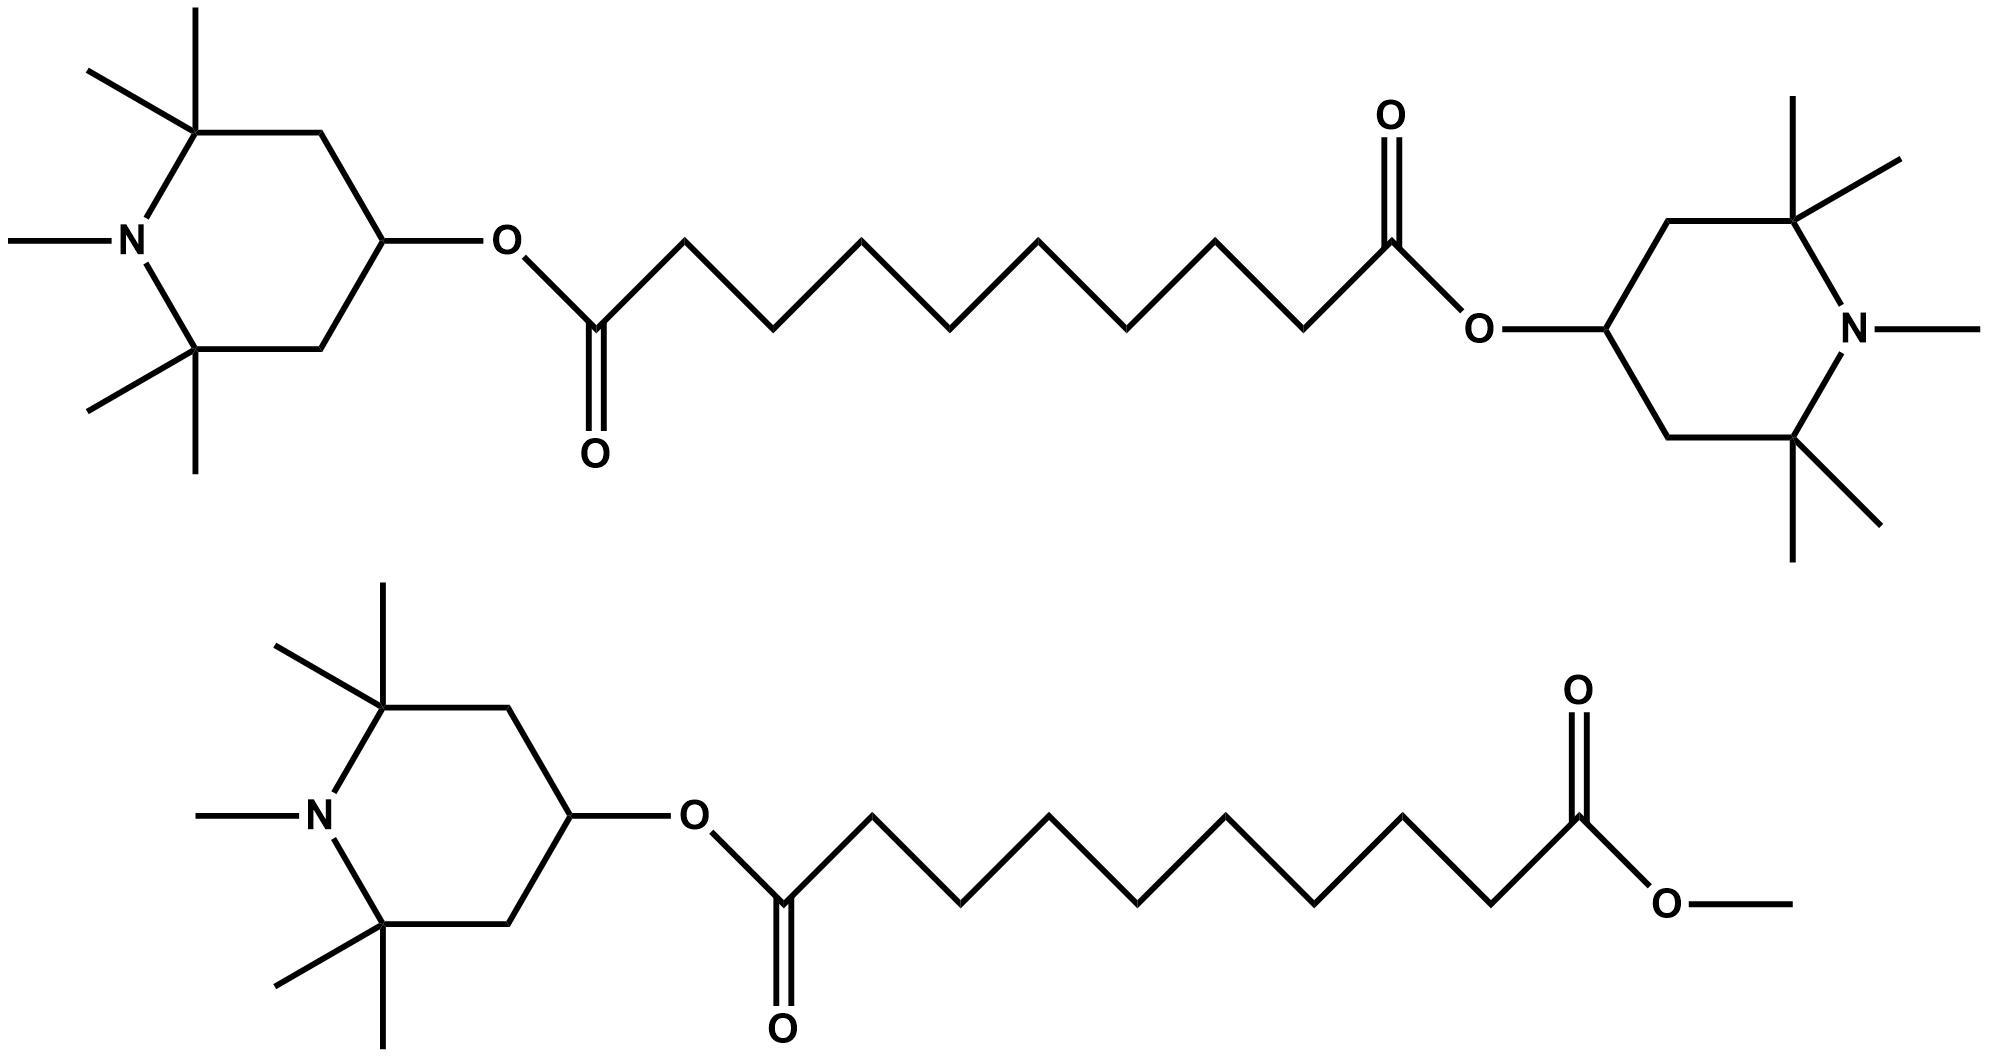 EVERSTAB 292 - Reazione di massa di Bis(1,2,2,6,6-pentametil-4-piperidil) sebacato and Metil 1,2,2,6,6-pentametil-4-piperidil sebacato